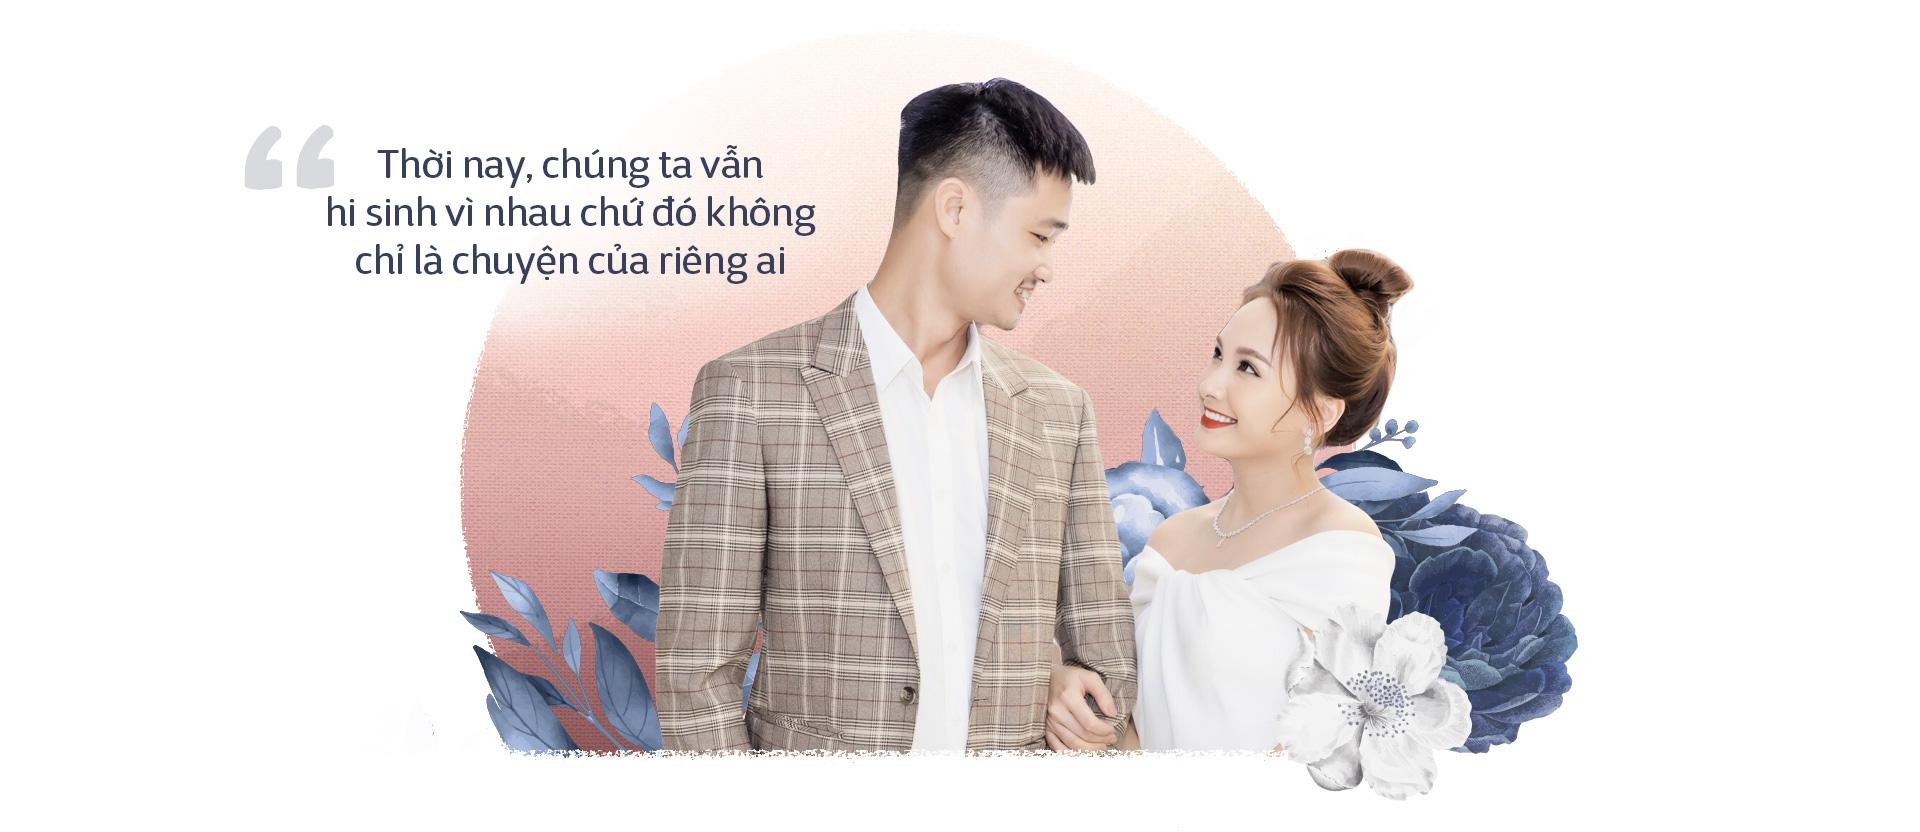 Diễn viên Bảo Thanh: Tôi rất ghét câu: Đàn bà thì biết cái gì - Ảnh 8.